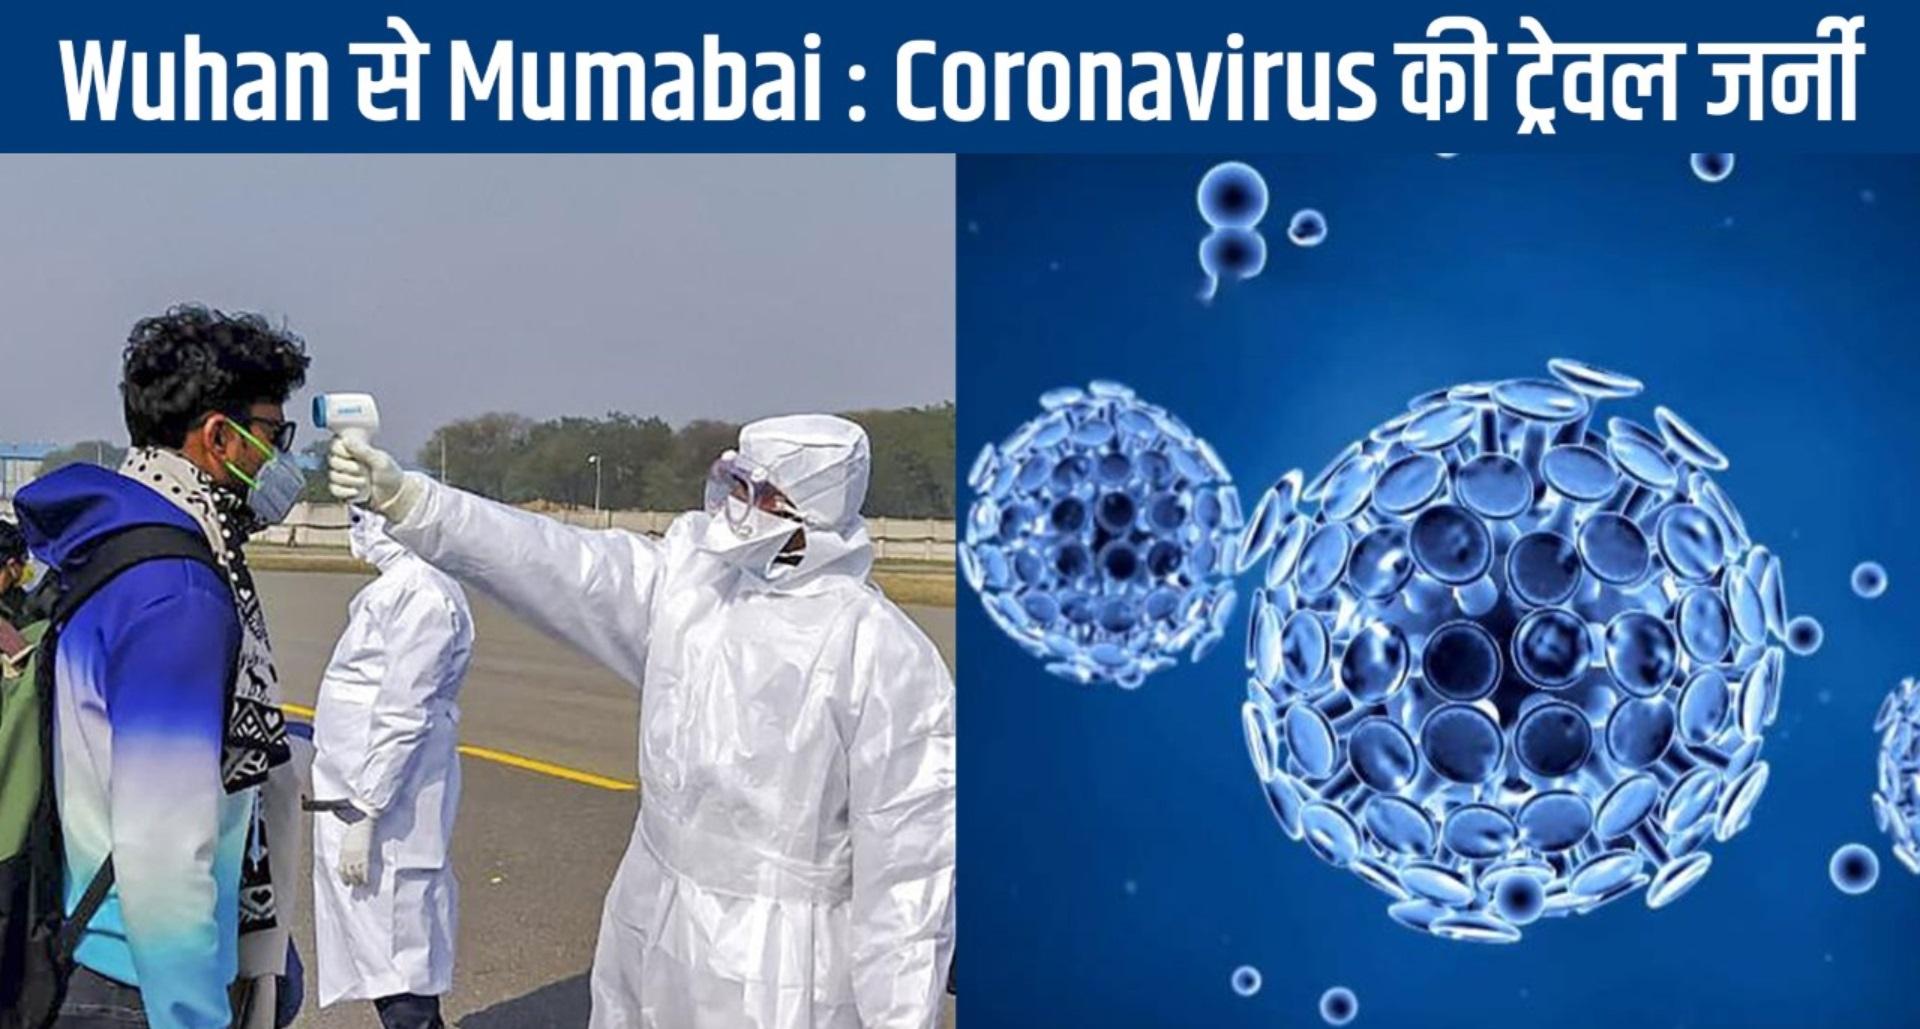 Coronavirus की शुरुआत हुई Wuhan से, फिर केरल, दिल्ली और अब मुंबई, जानिये इस भयानक वायरल का इतिहास